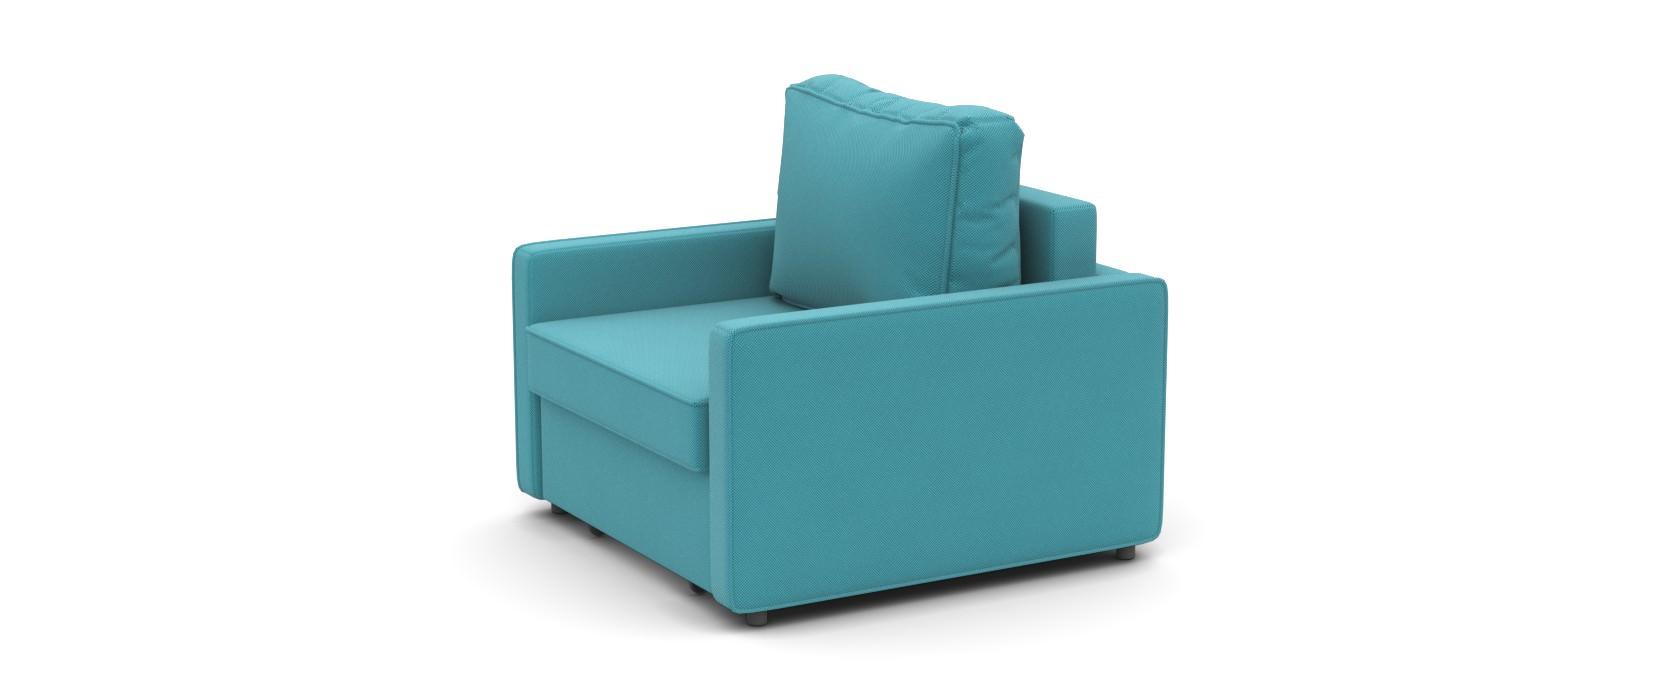 Раскладное кресло Mattone